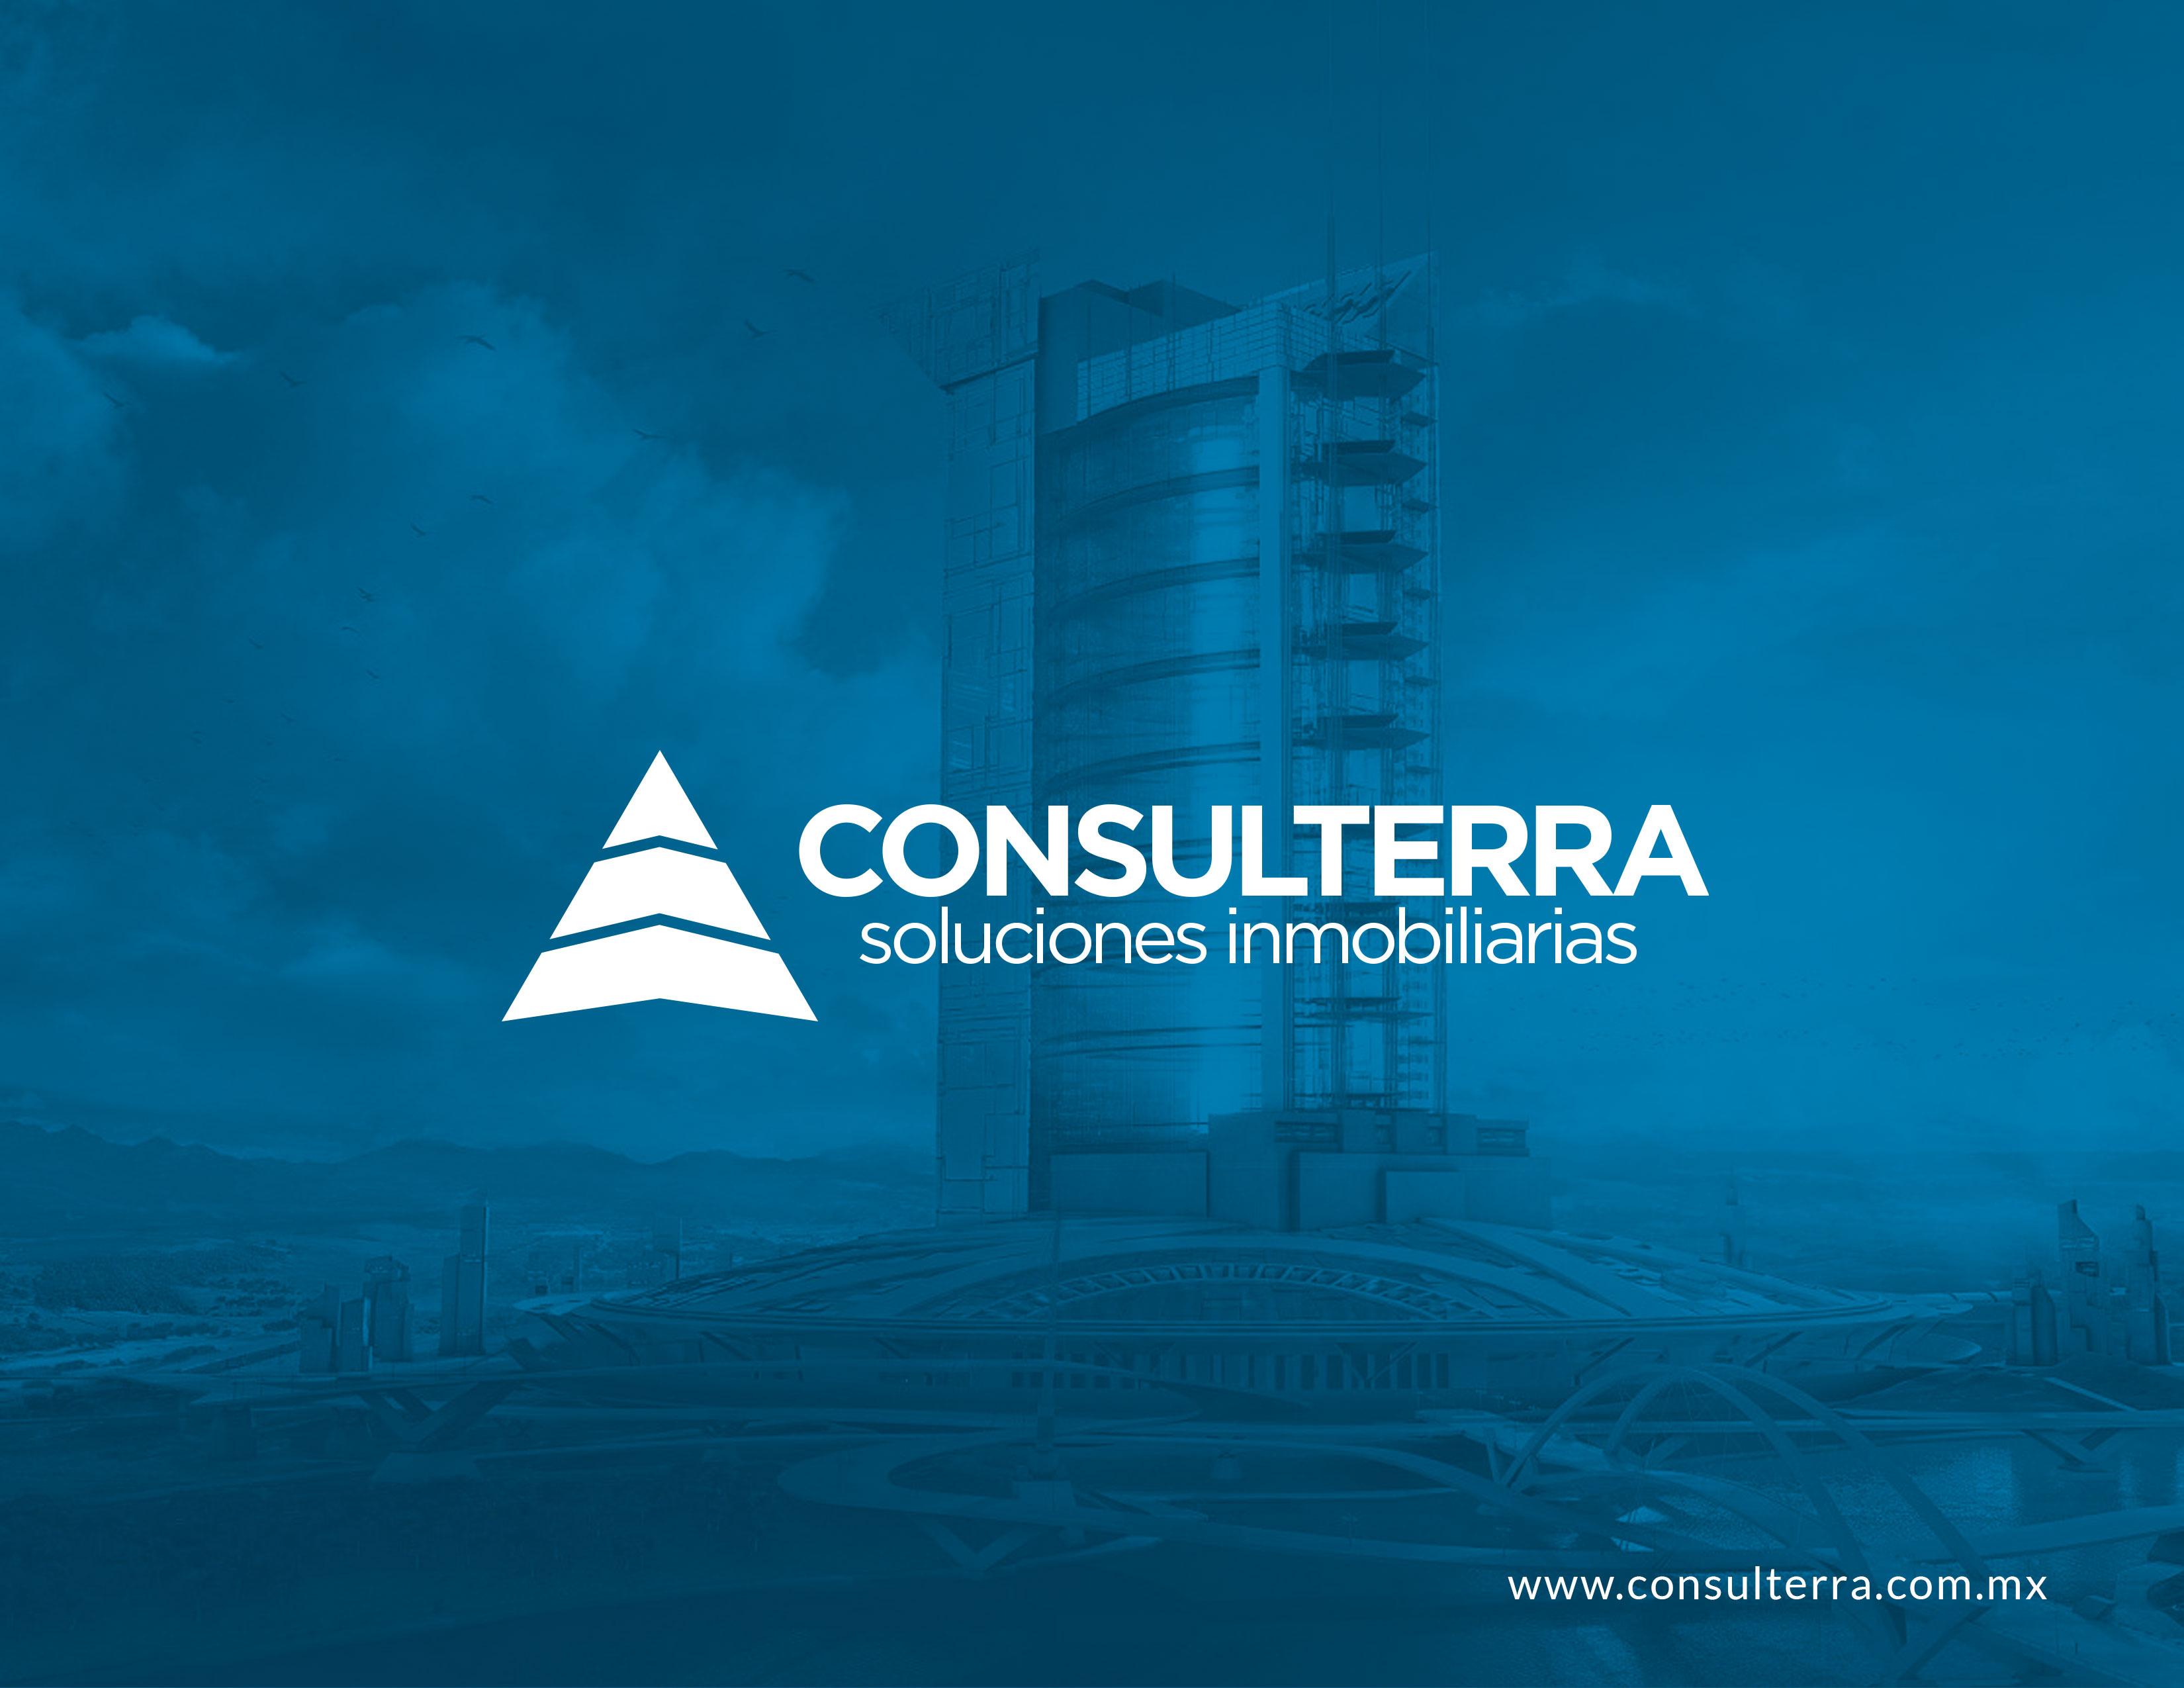 Consulterra